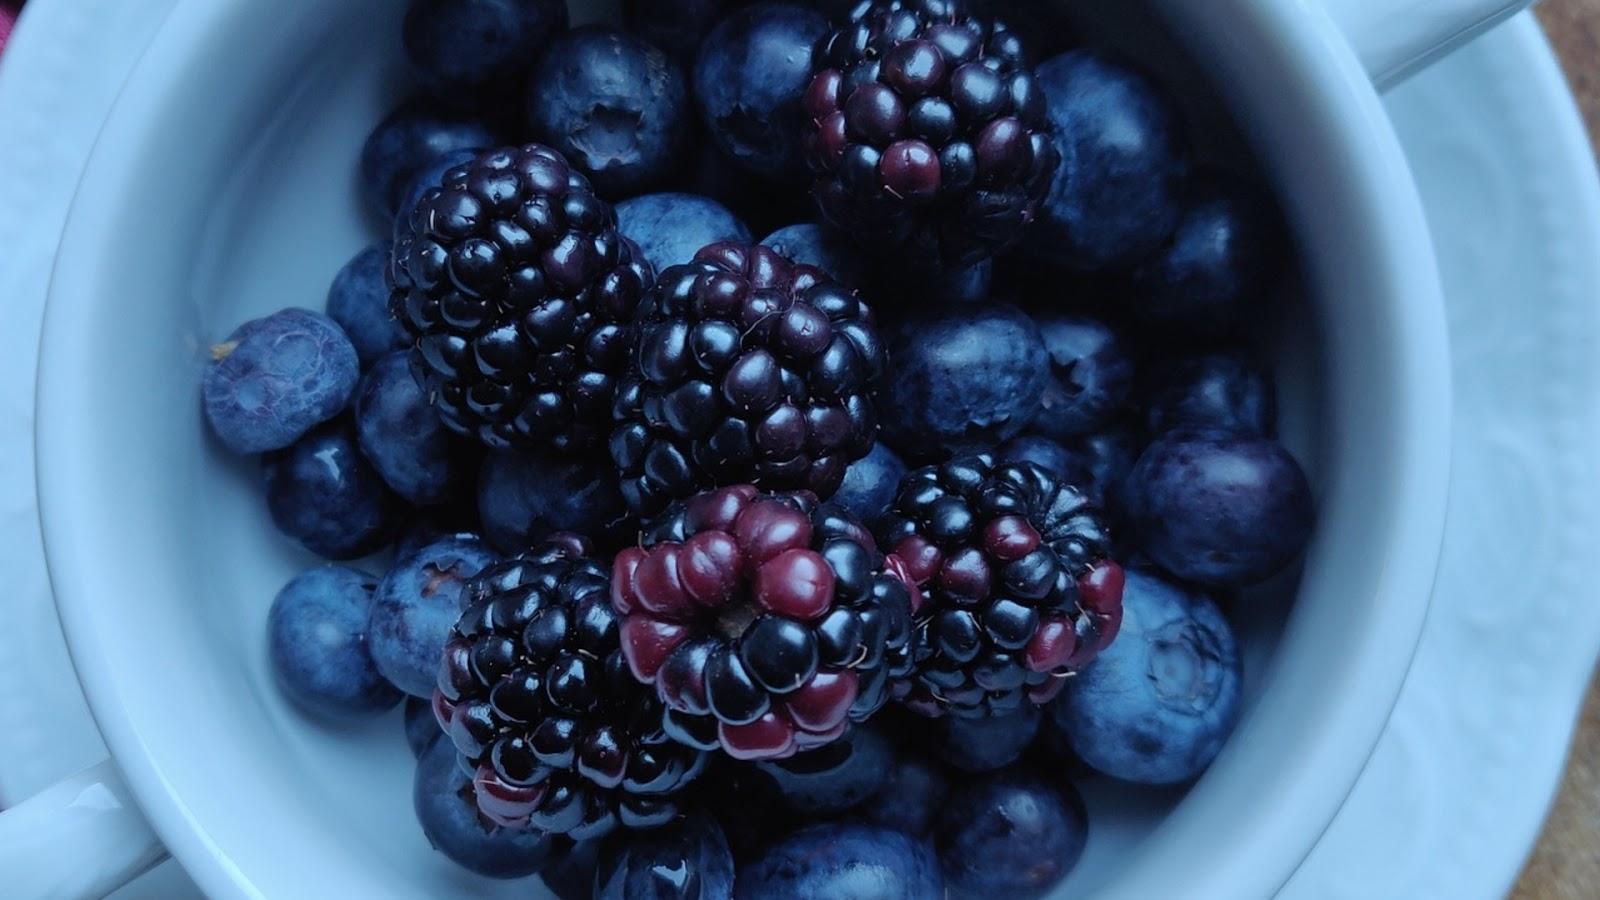 types of blackberries